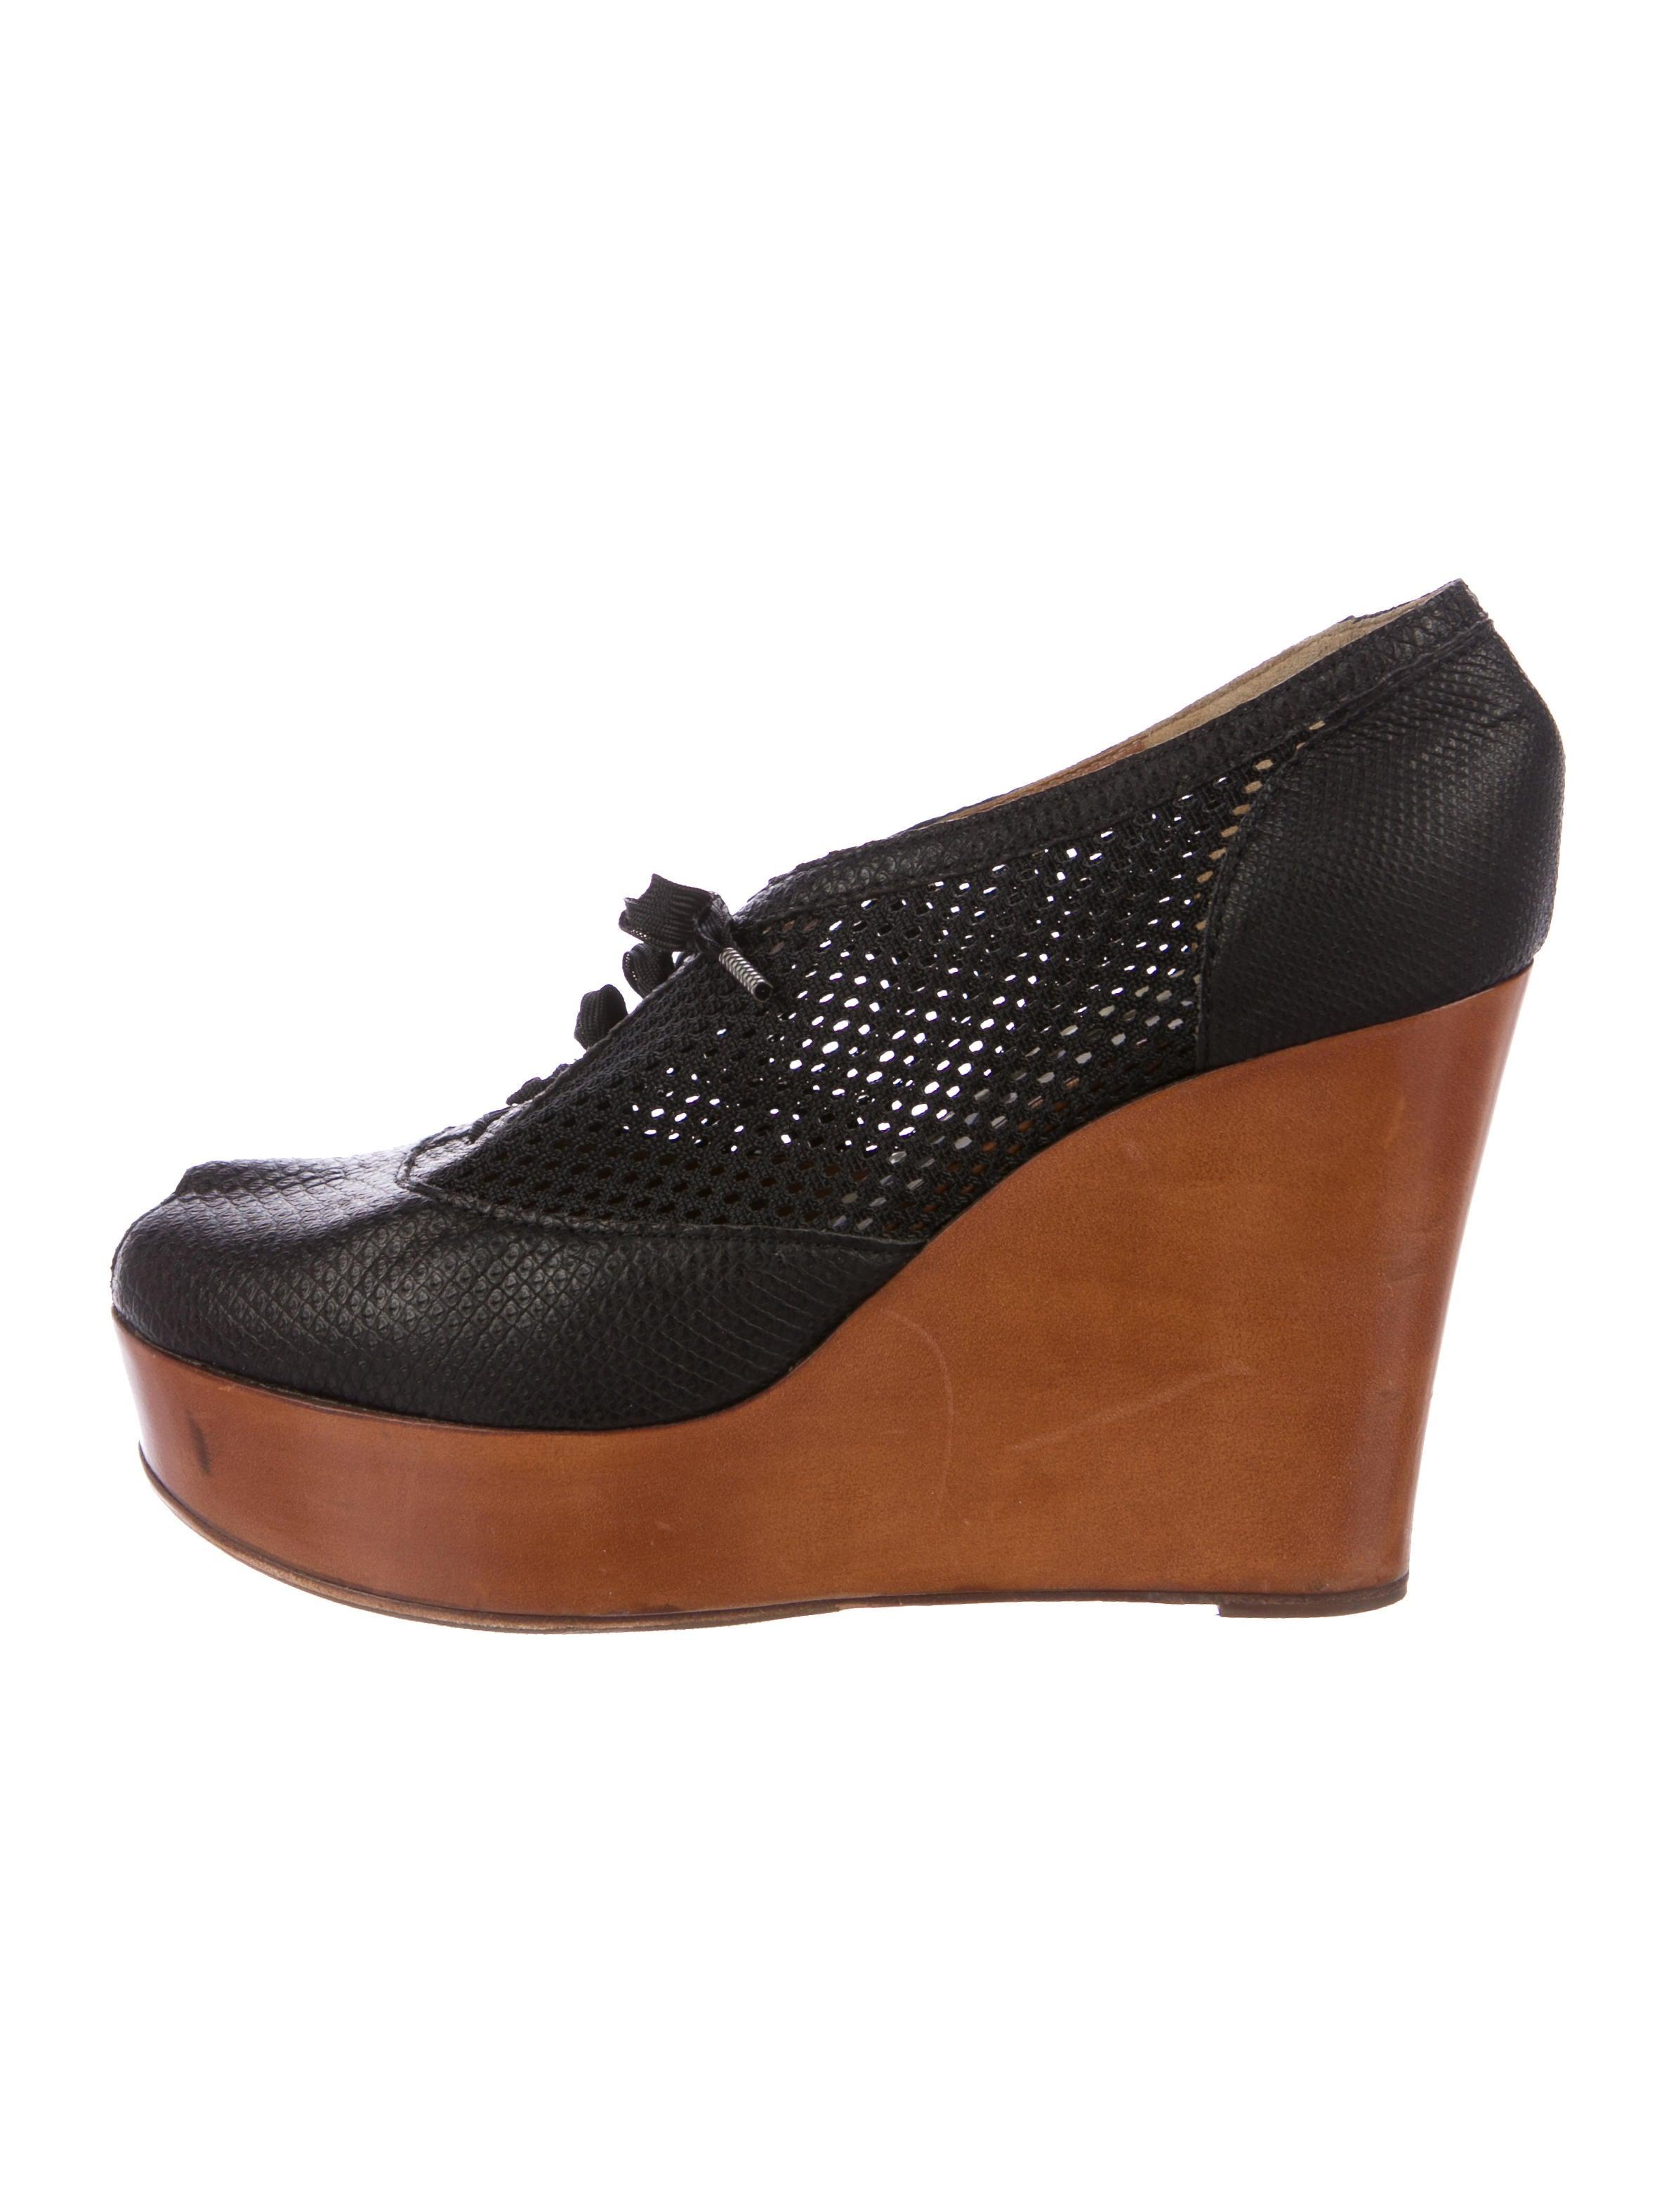 Rochas Shoes Sale